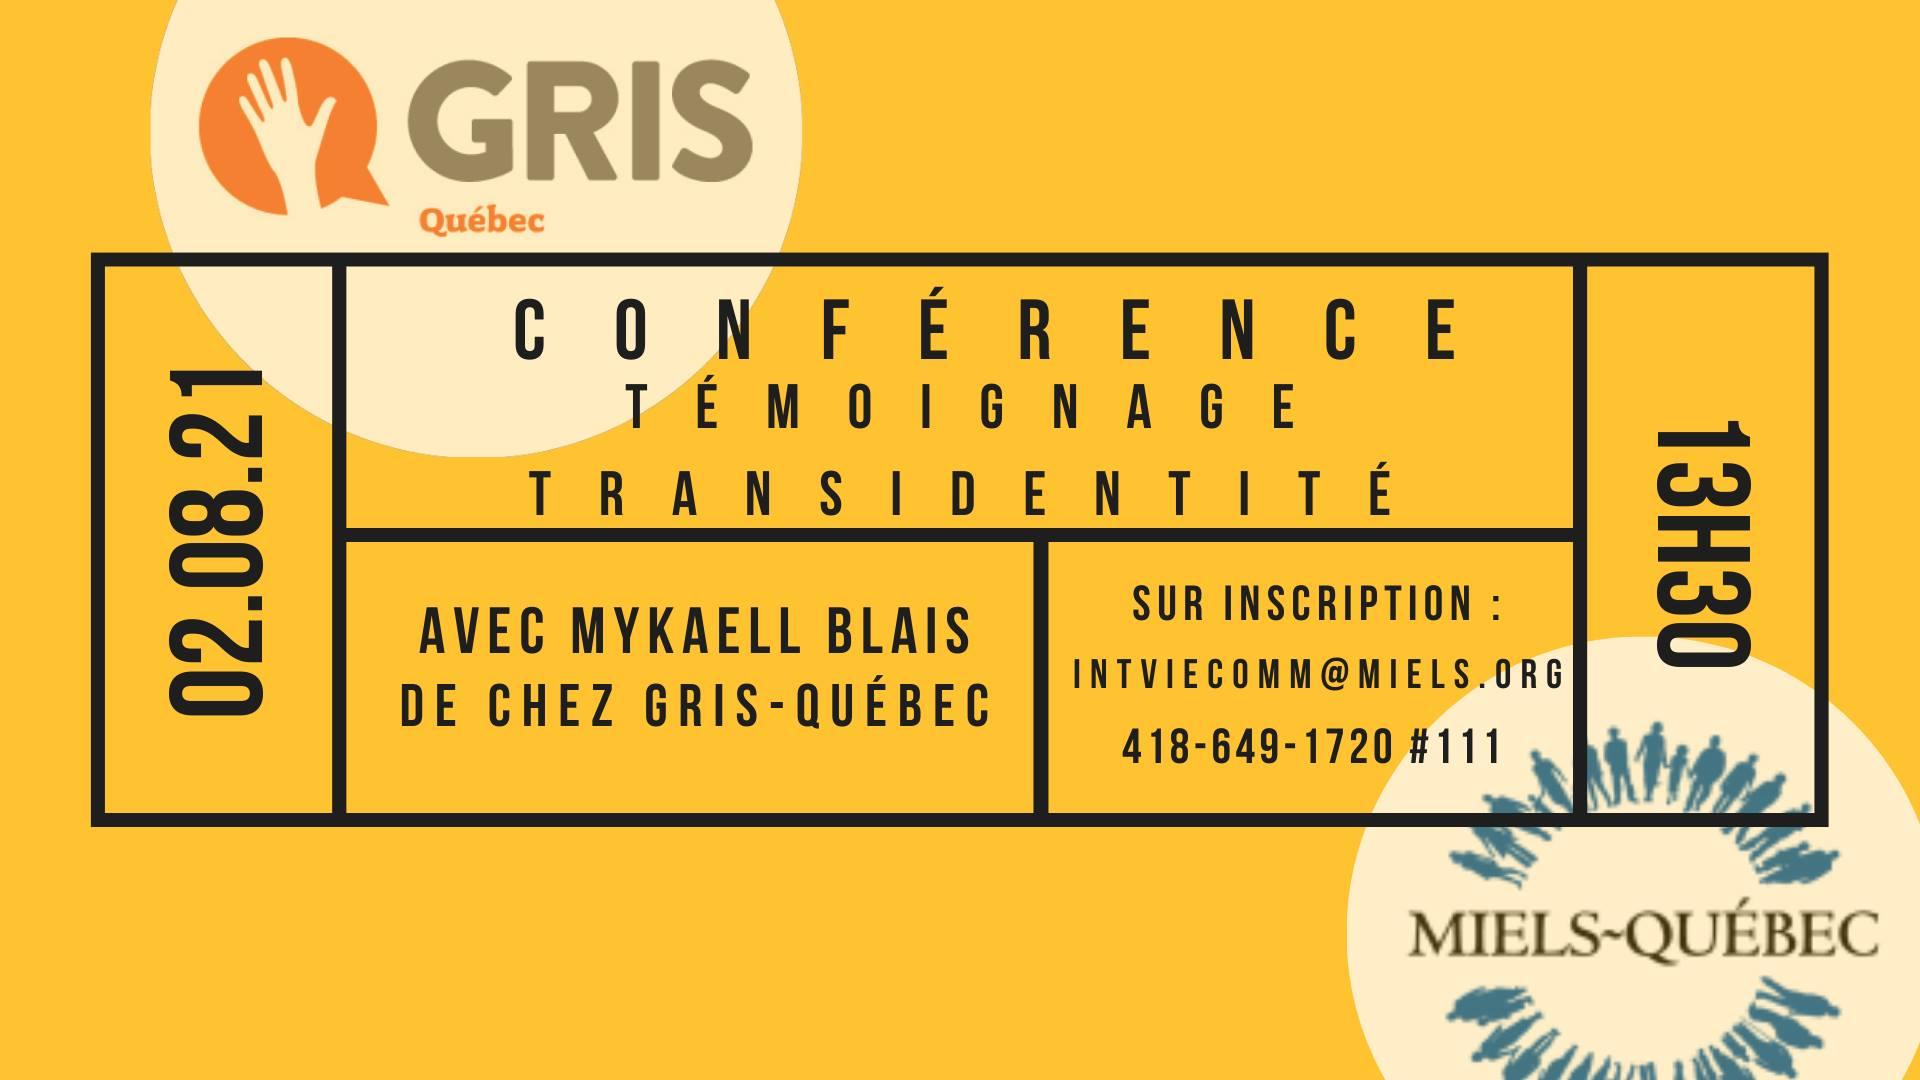 Conférence témoignage sur la trans-identité